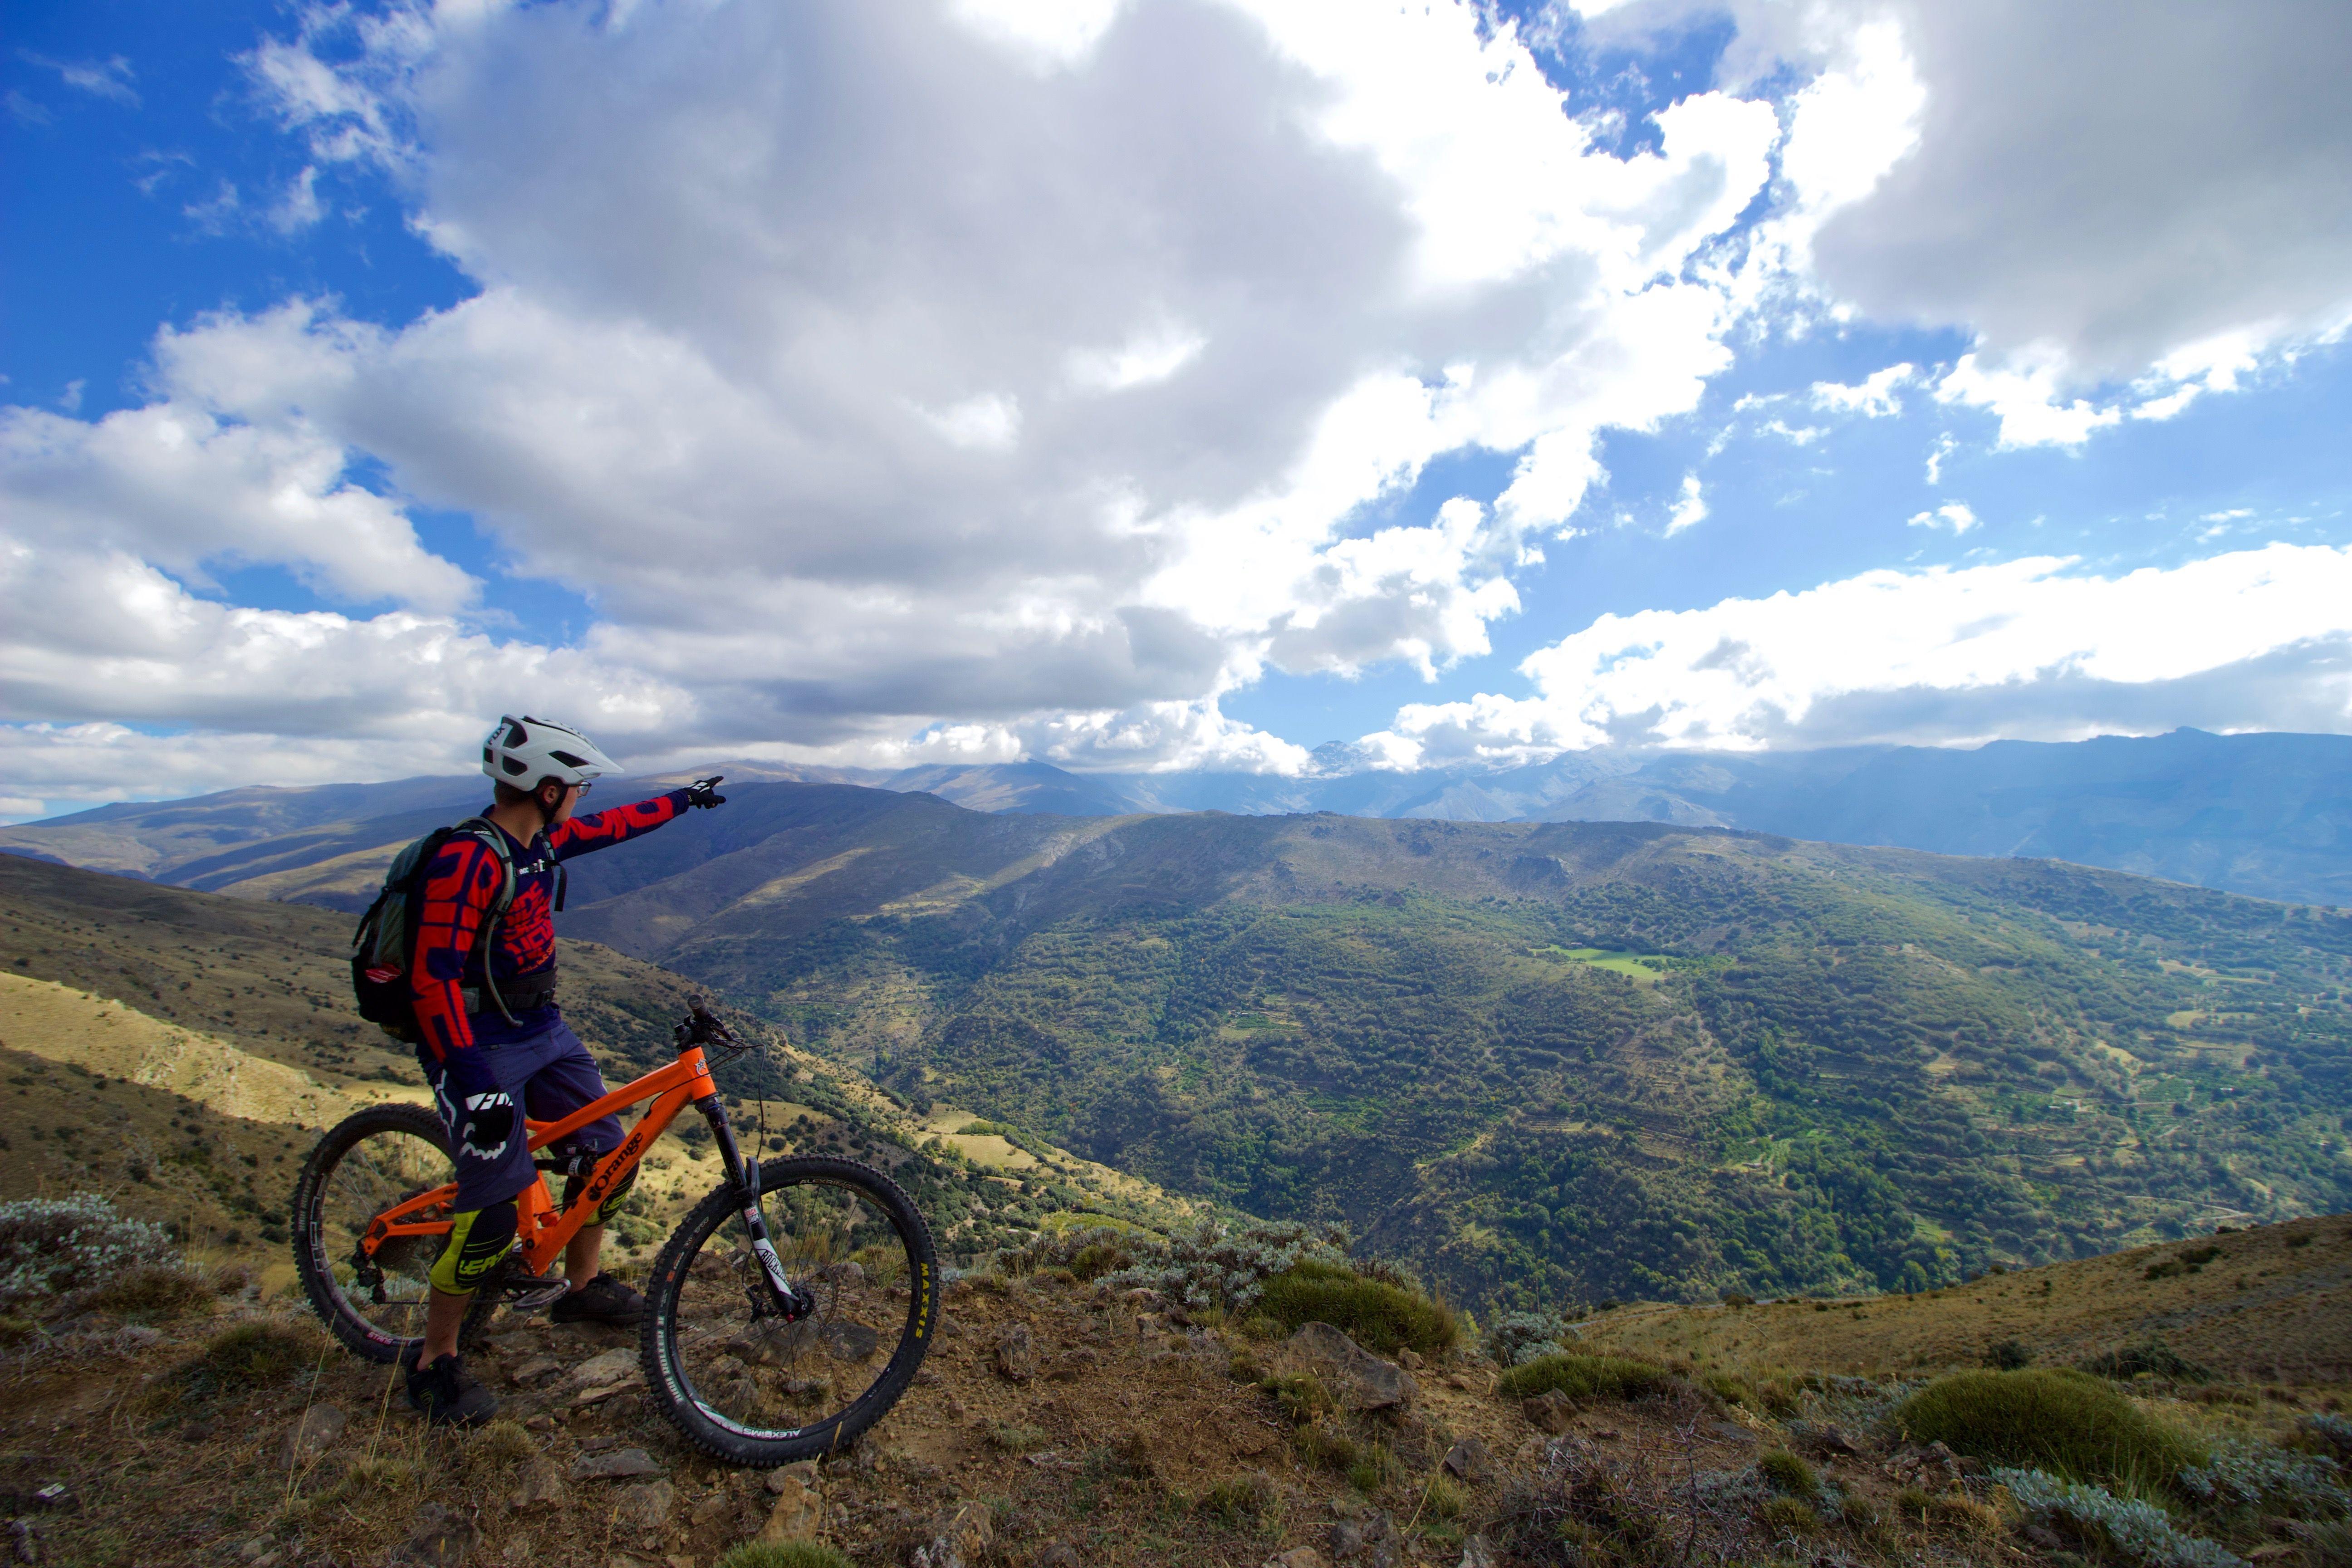 Enduro Sierranevada Mtb Spain Sierra Nevada Malaga Vacances